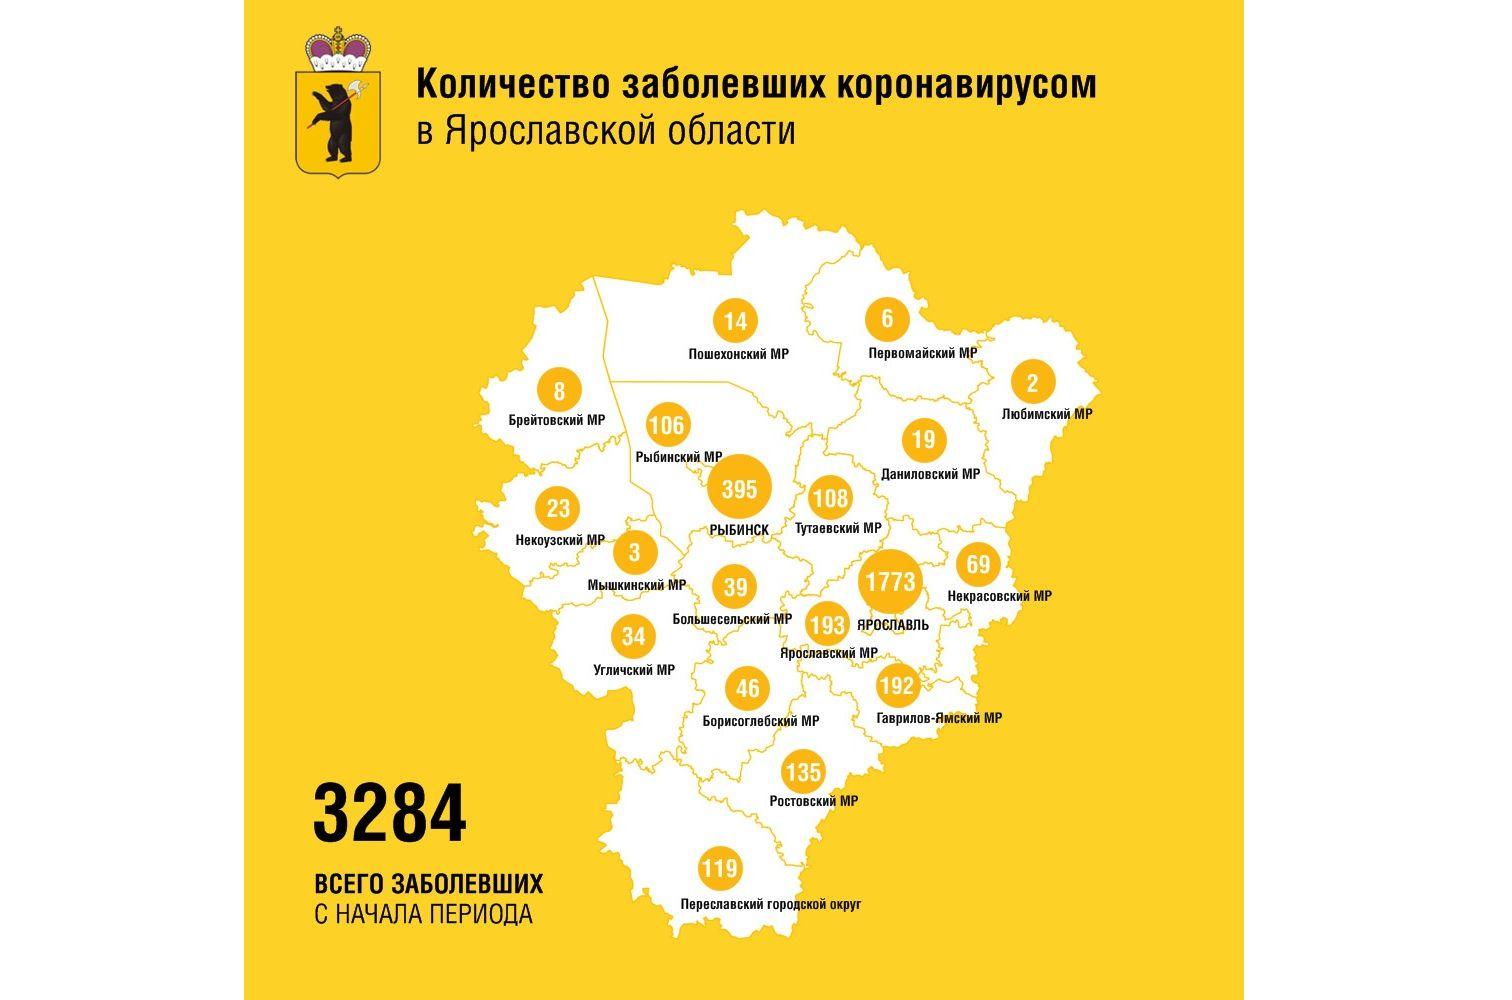 В Ярославской области за сутки выписали 70 человек, перенесших коронавирус